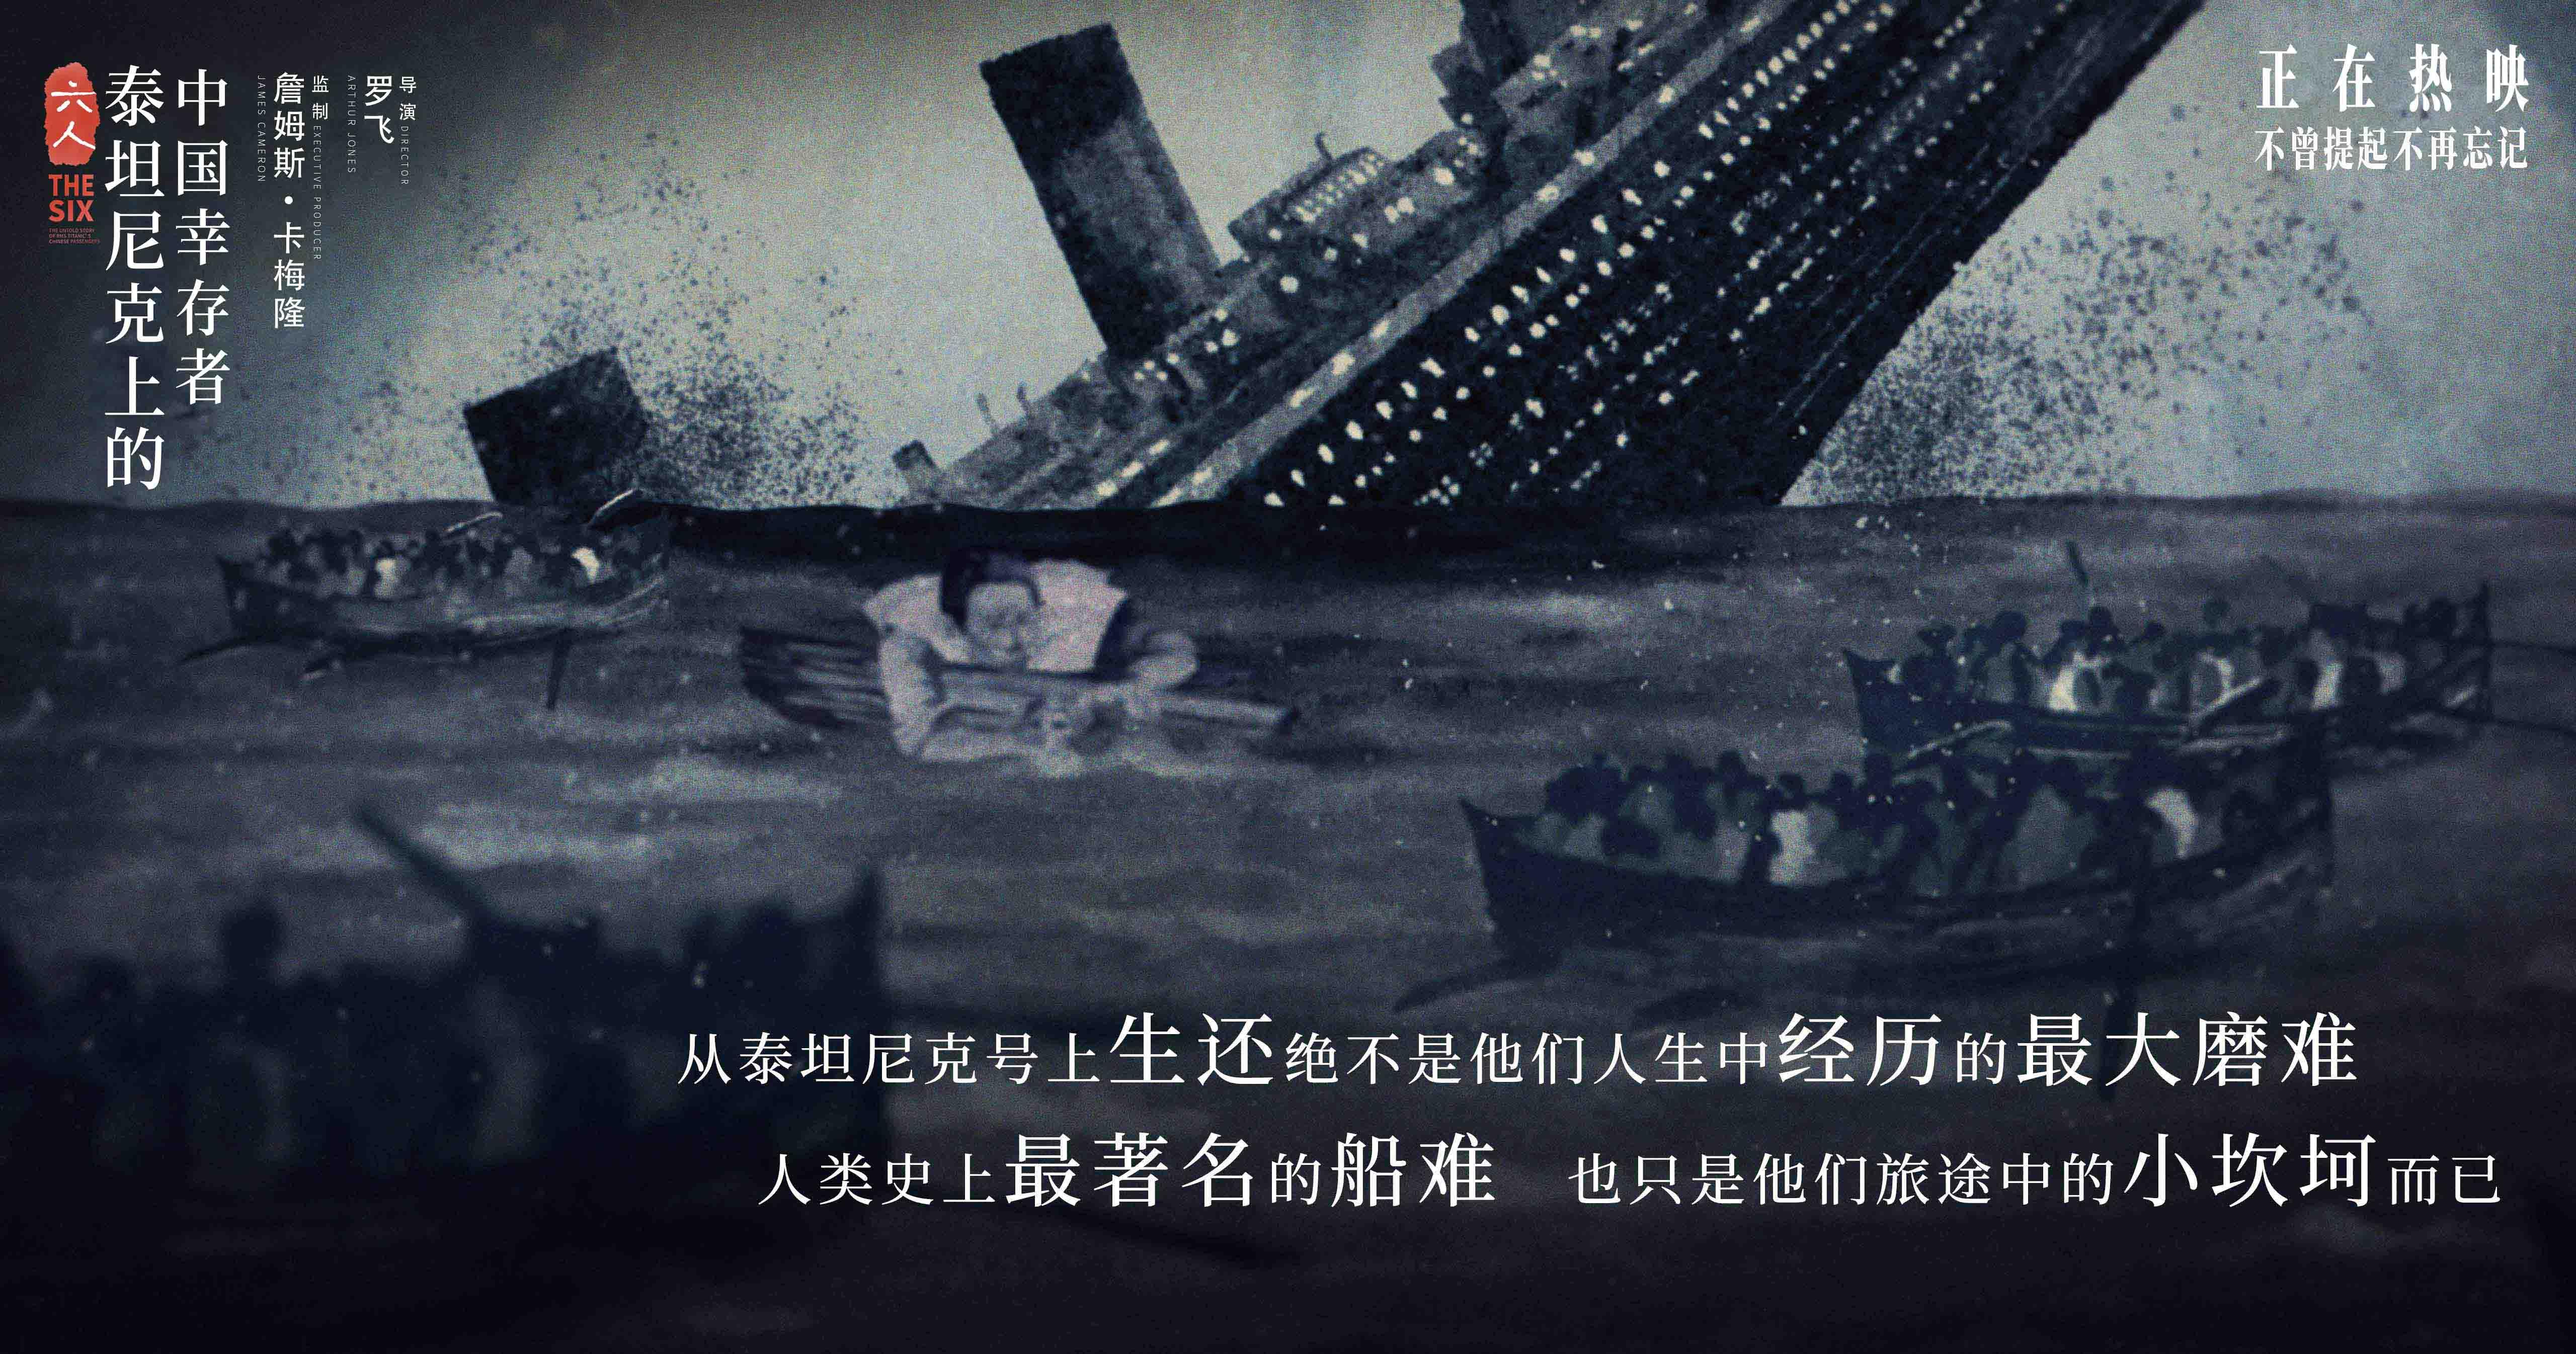 同期口碑第一电影《六人》发删减片段 中国幸存者求生木板首次曝光